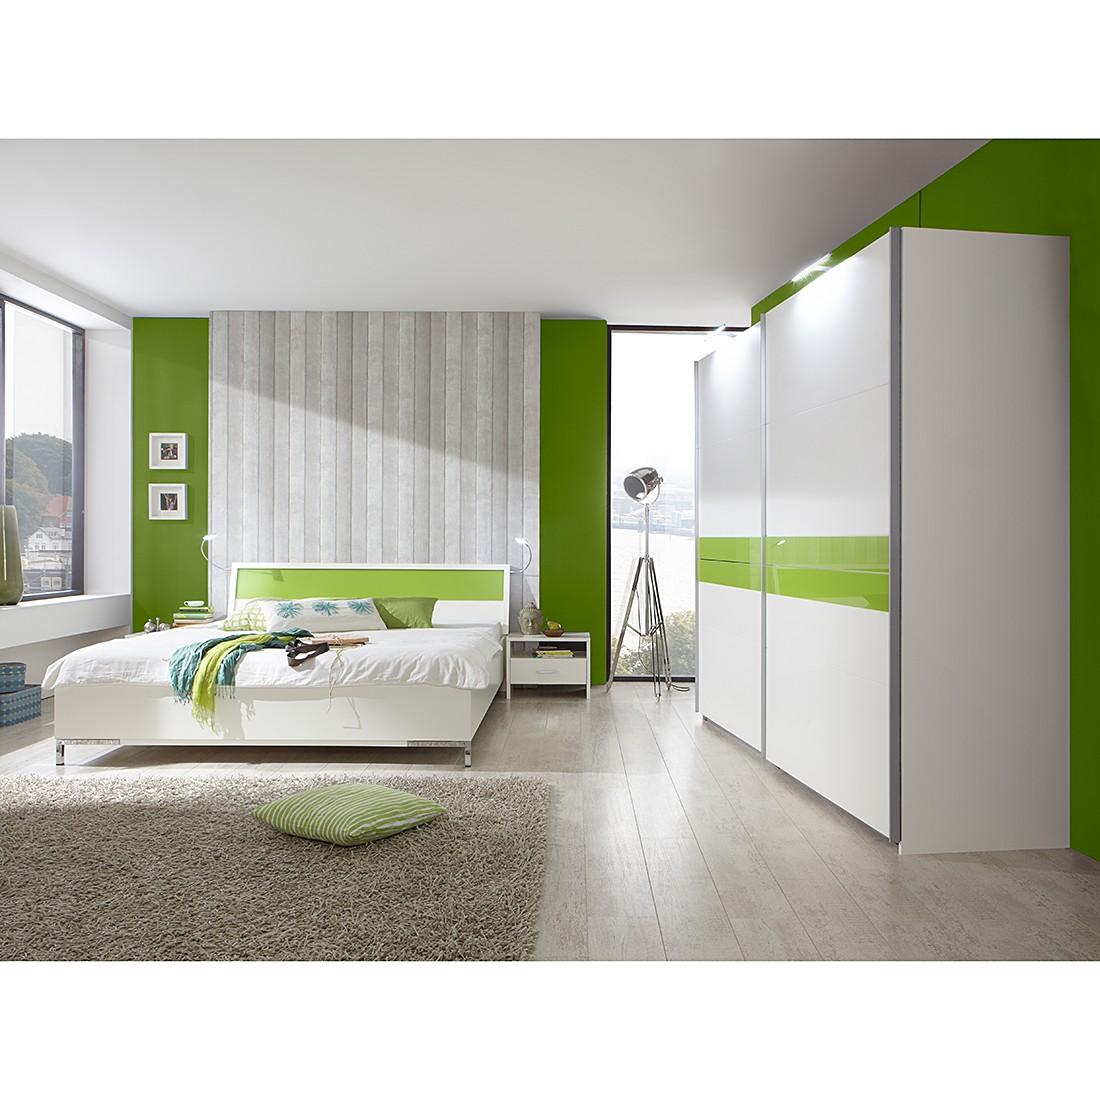 Schlafzimmerkombination Acapulco (4-teilig) – Alpinweiß/Grün – Schrankbreite: 225 cm, Wimex kaufen